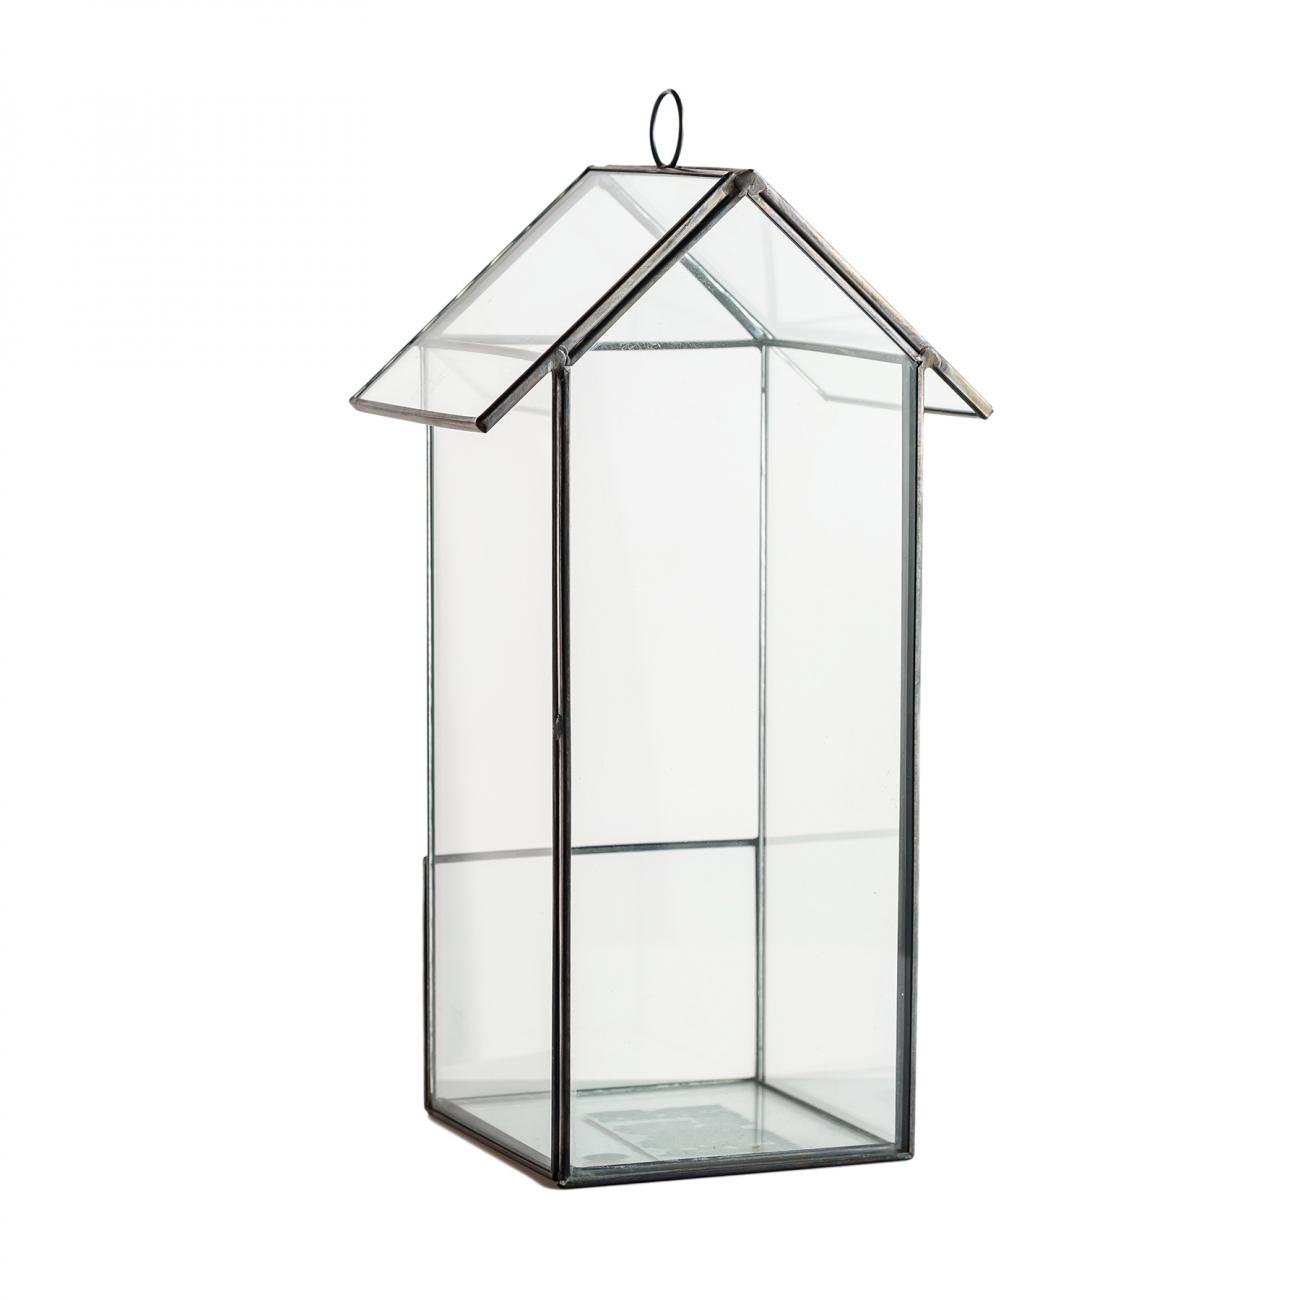 Купить Флорариум стеклянный для цветов Bird House в интернет магазине дизайнерской мебели и аксессуаров для дома и дачи